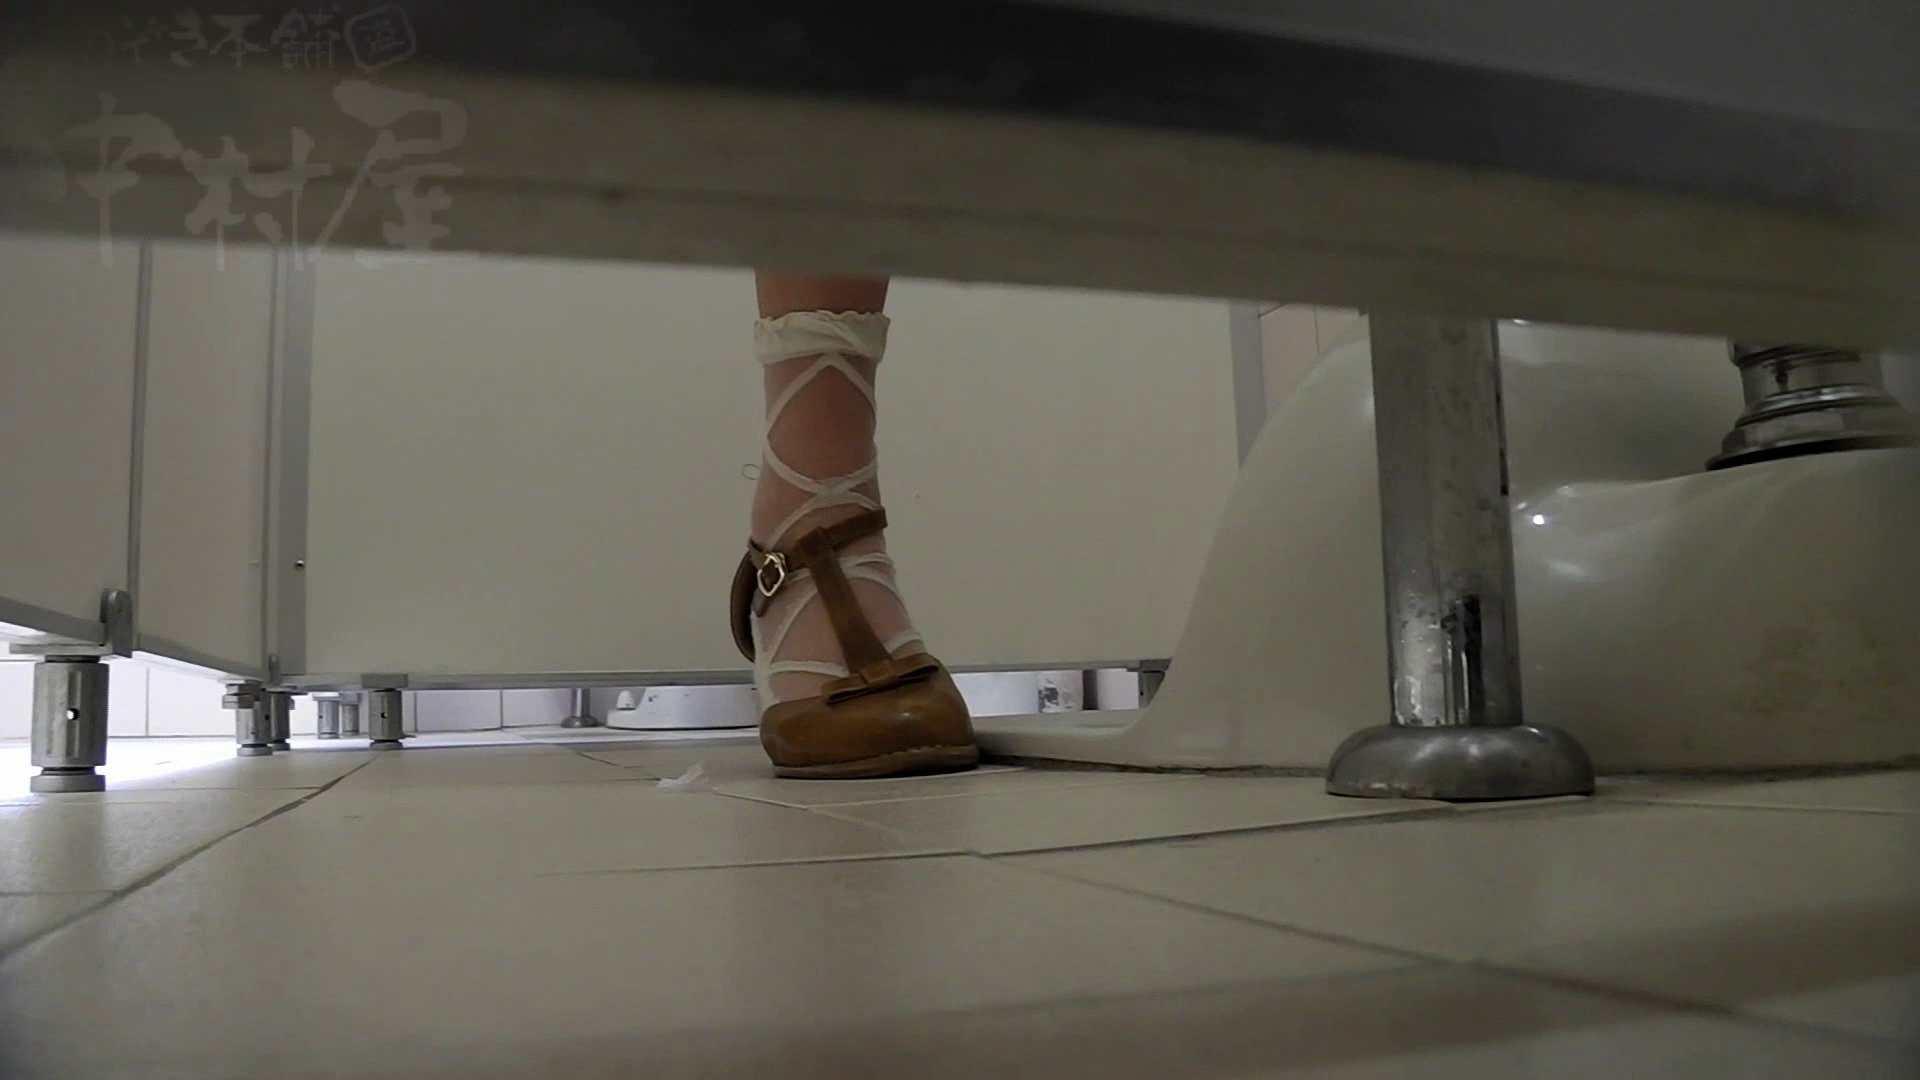 美しい日本の未来 No.29 豹柄サンダルはイ更●気味??? 排泄 性交動画流出 111連発 25